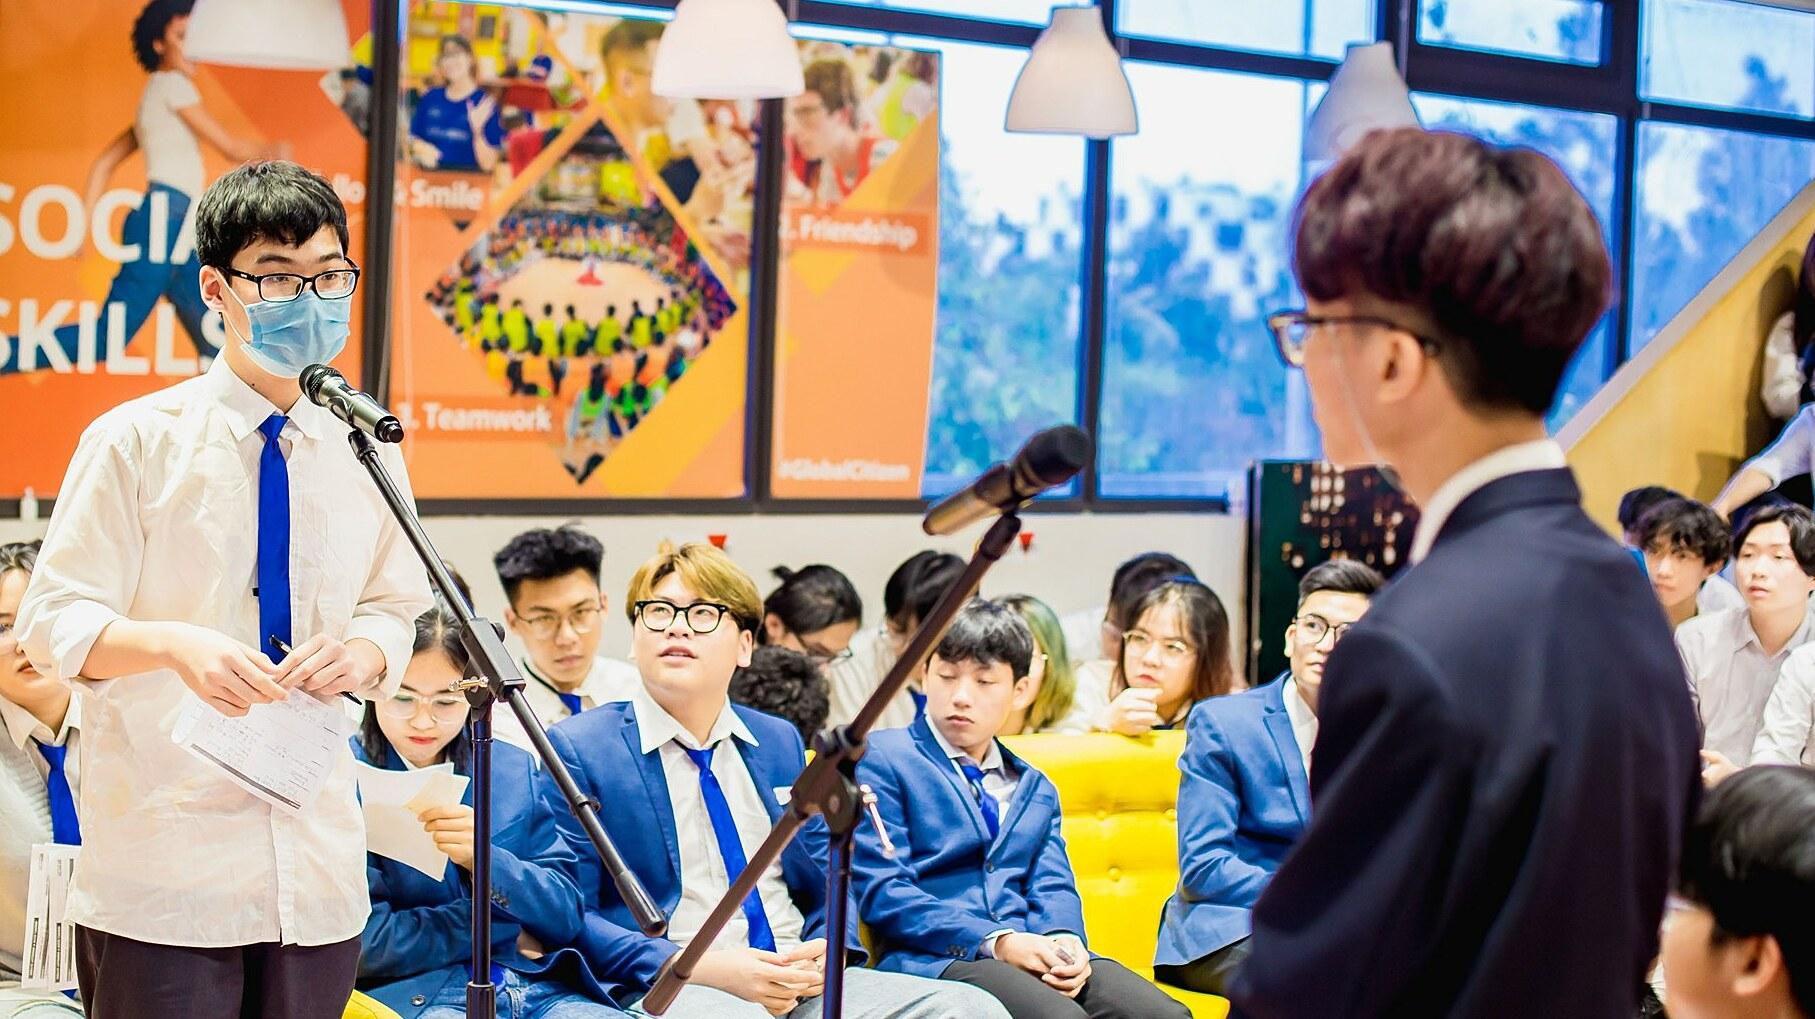 Tranh biện là sân chơi giúp học sinh trau dồi nhiều kỹ năng. Ảnh: Little Australia.